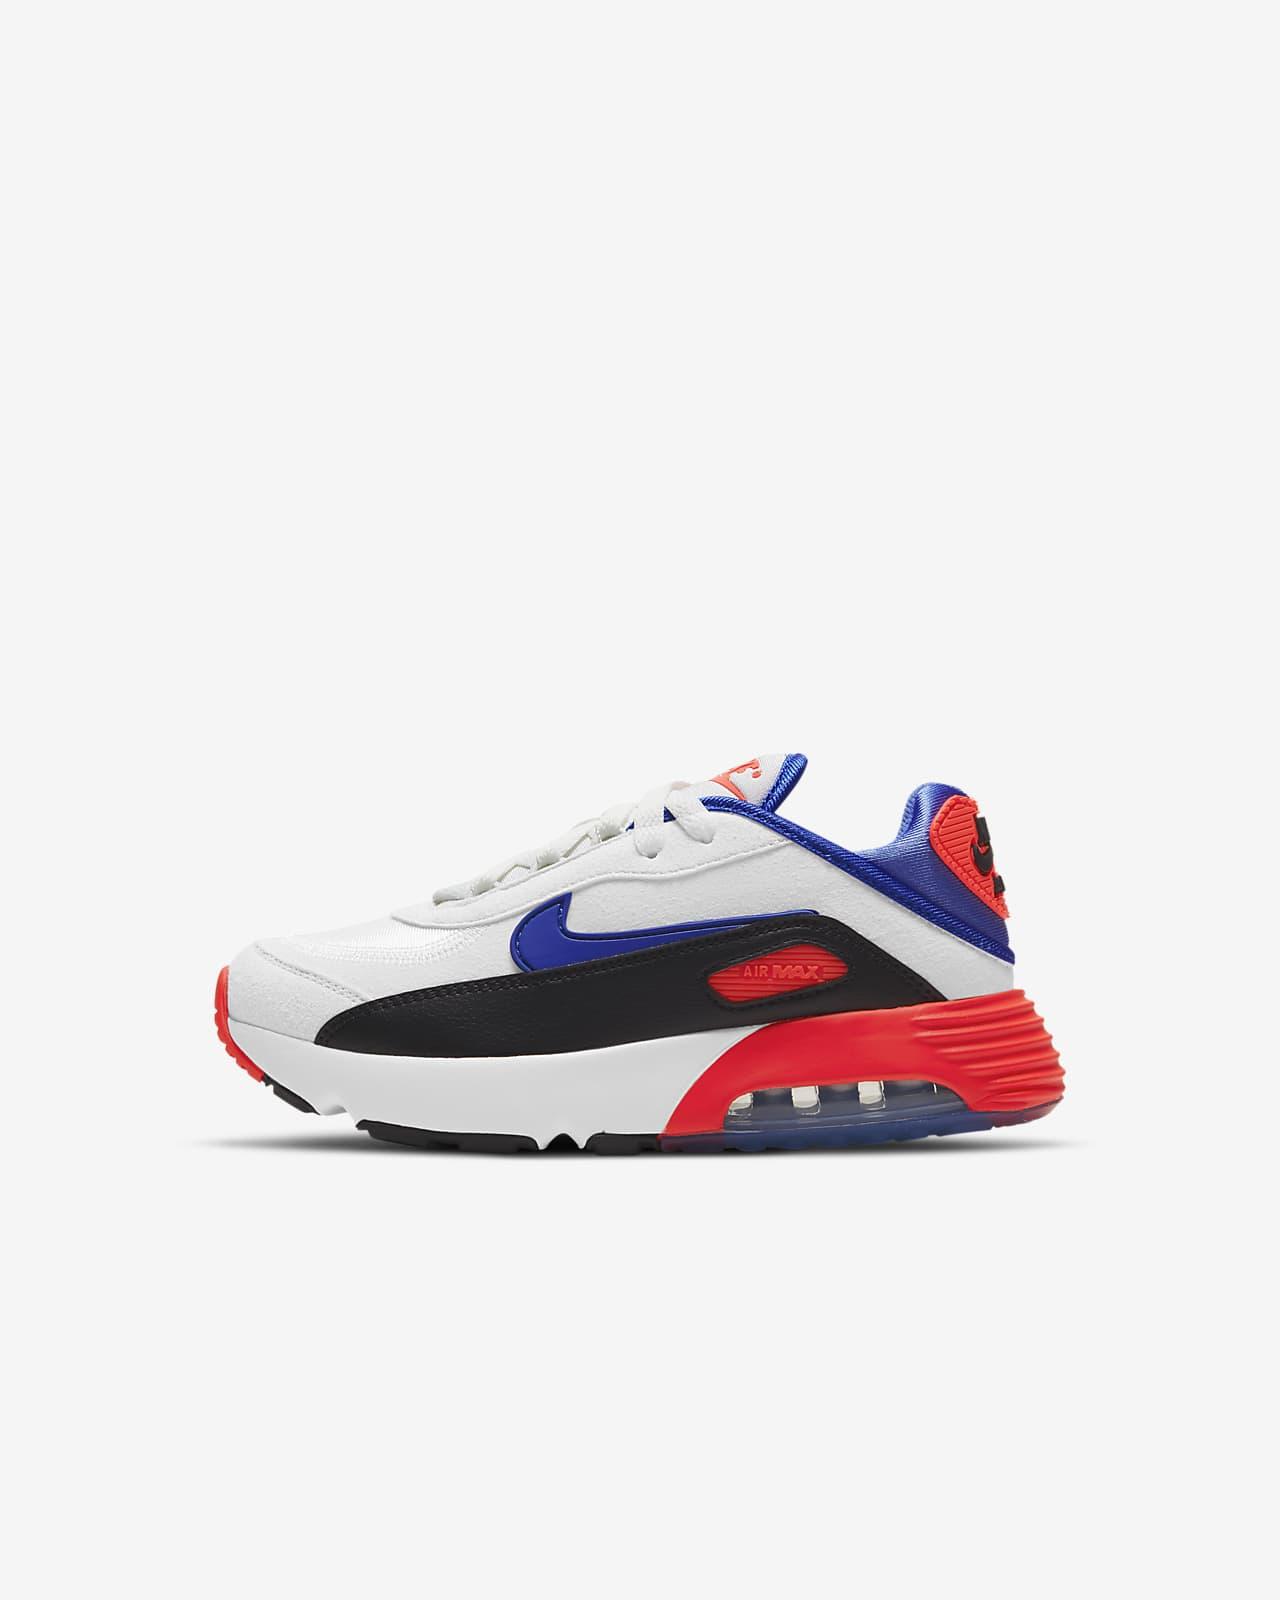 Nike Air Max 2090 EOI Küçük Çocuk Ayakkabısı